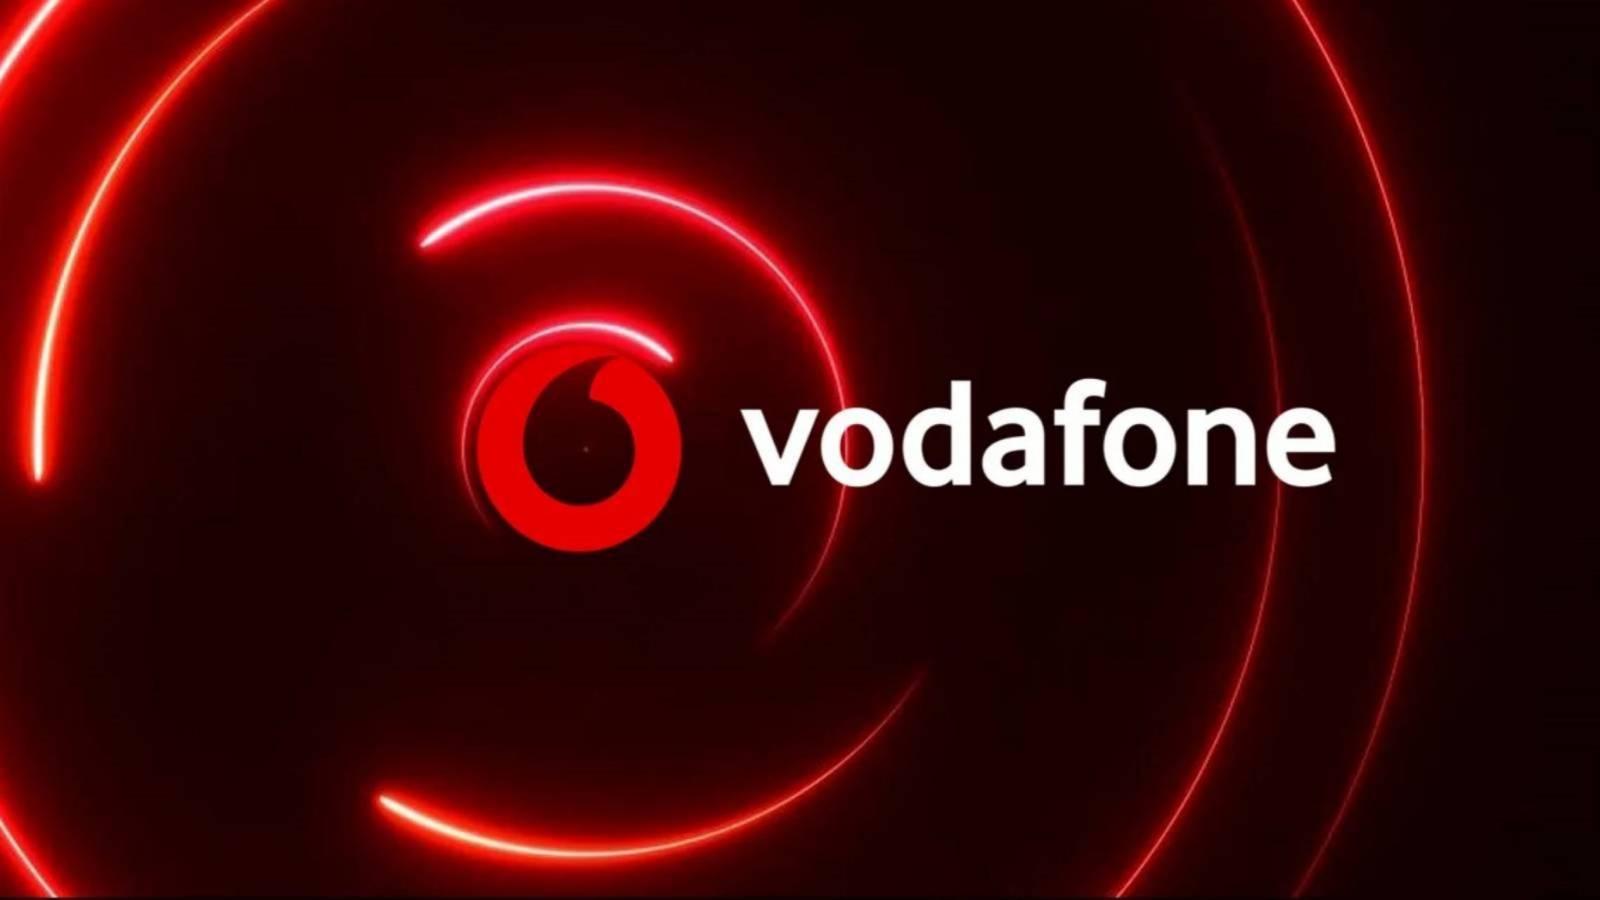 Vodafone Romania realegere